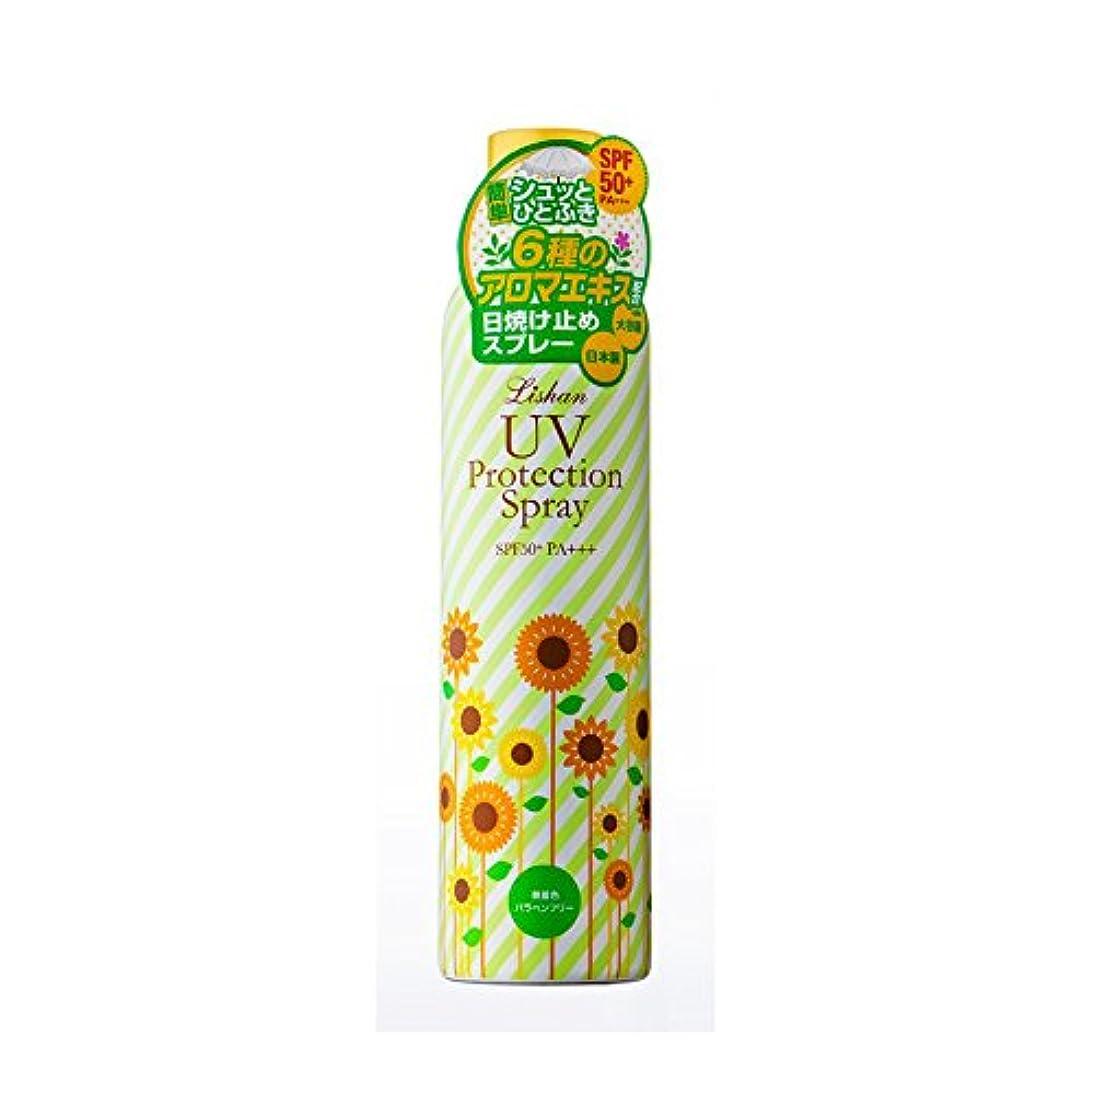 破産ええ死の顎リシャン 大容量UVスプレー アロマミックスの香り (230g)